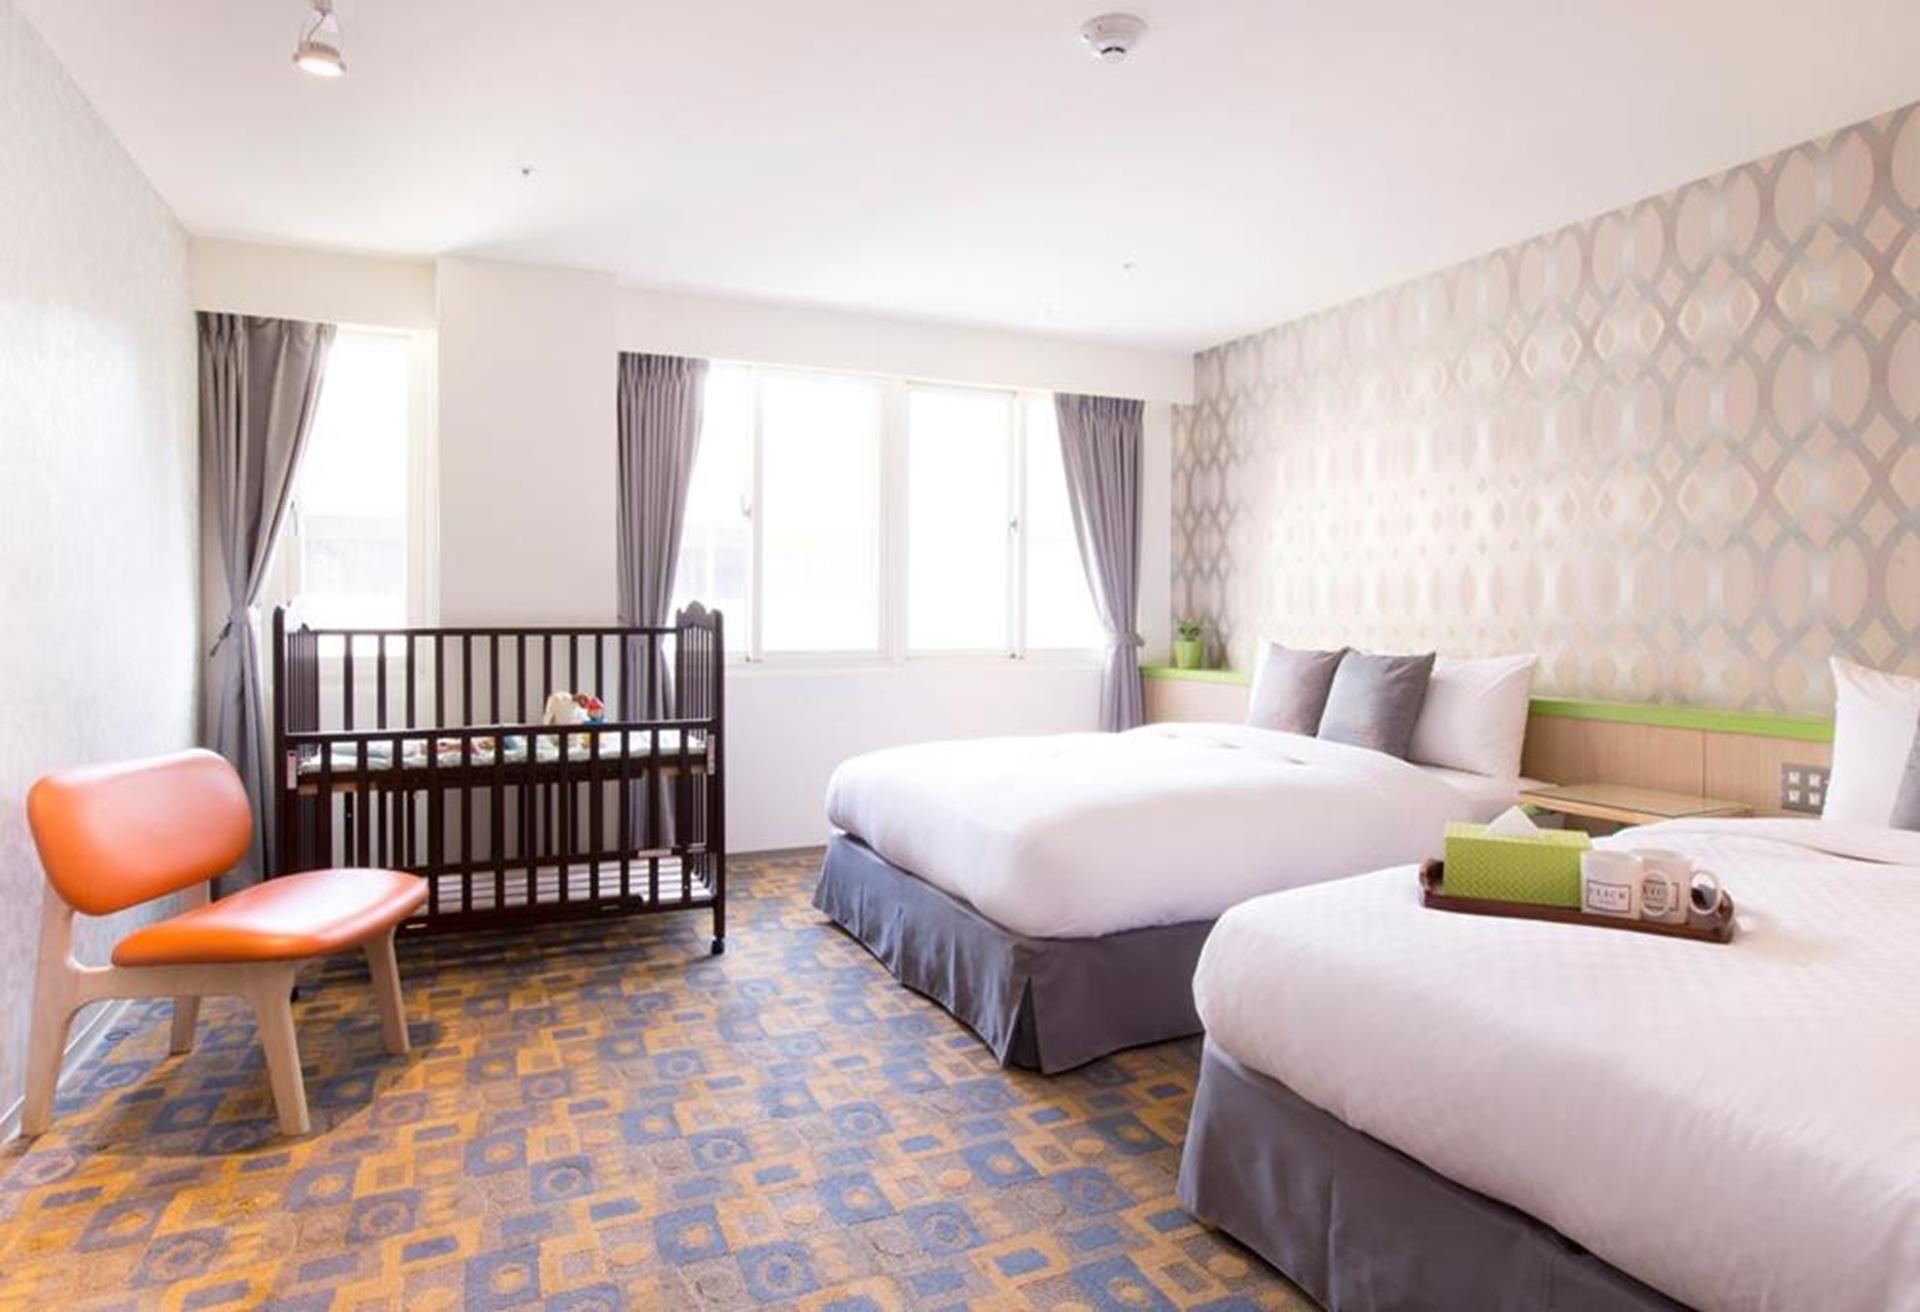 台北親子飯店推薦 - 儷客旅店備妥兒童床護欄的房型